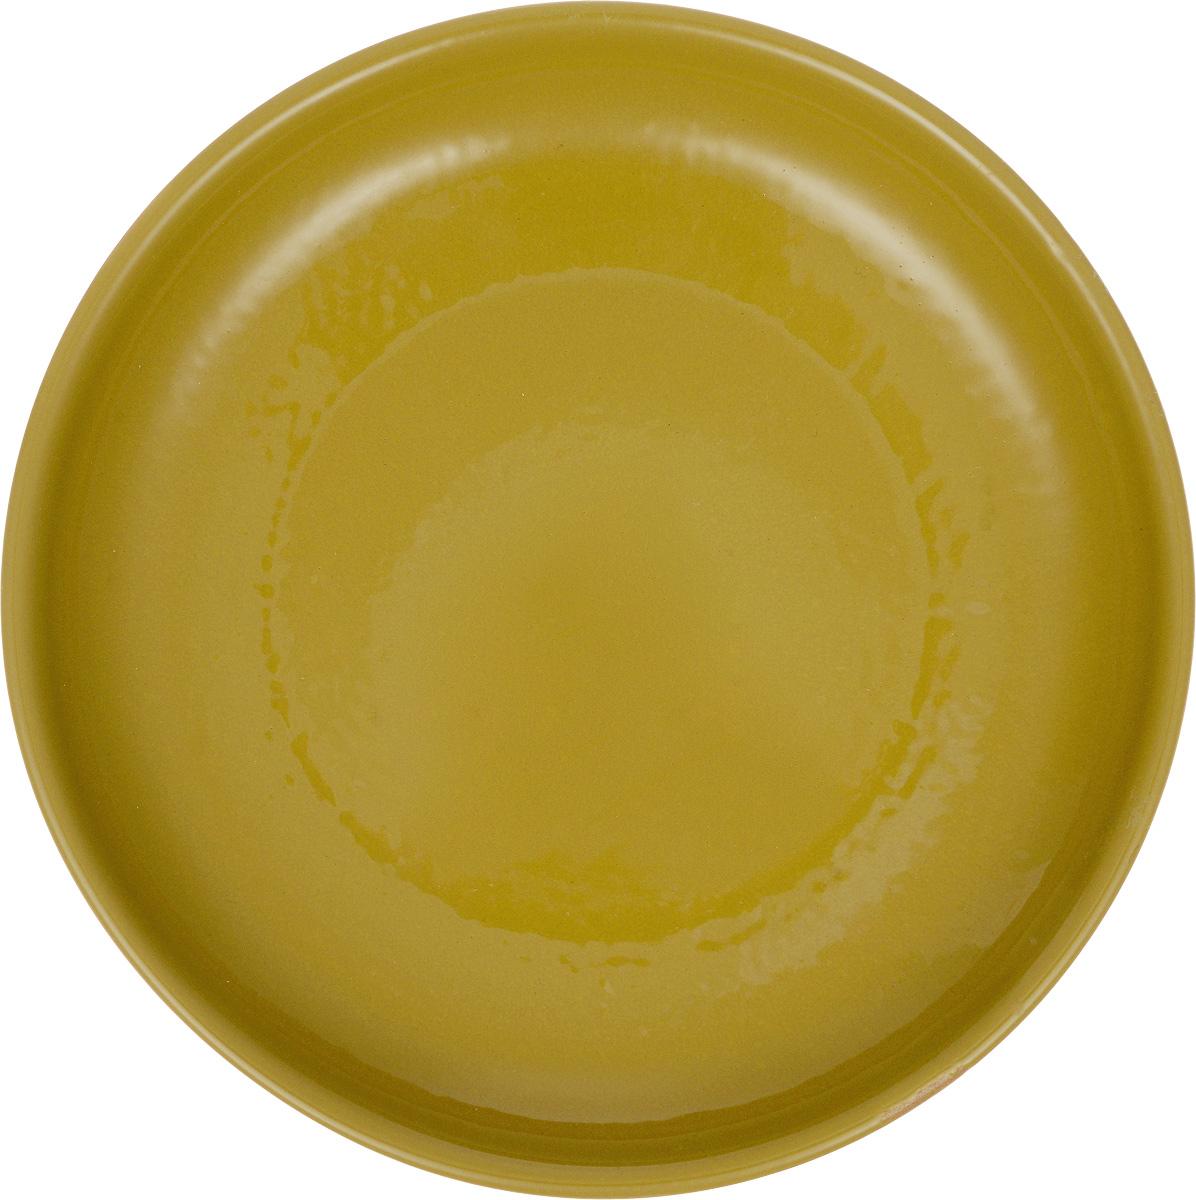 Тарелка Борисовская керамика Радуга, цвет: горчичный, диаметр 18 смРАД00000458_горчичныйТарелка Борисовская керамика Радуга, изготовленная из керамики, имеет изысканный внешний вид. Изделие идеально подойдет для сервировки стола. Тарелка отлично впишется в любой интерьер современной кухни и станет отличным подарком для вас и ваших близких.Можно использовать в духовке и микроволновой печи.Диаметр тарелки: 18 см.Высота тарелки: 3 см.